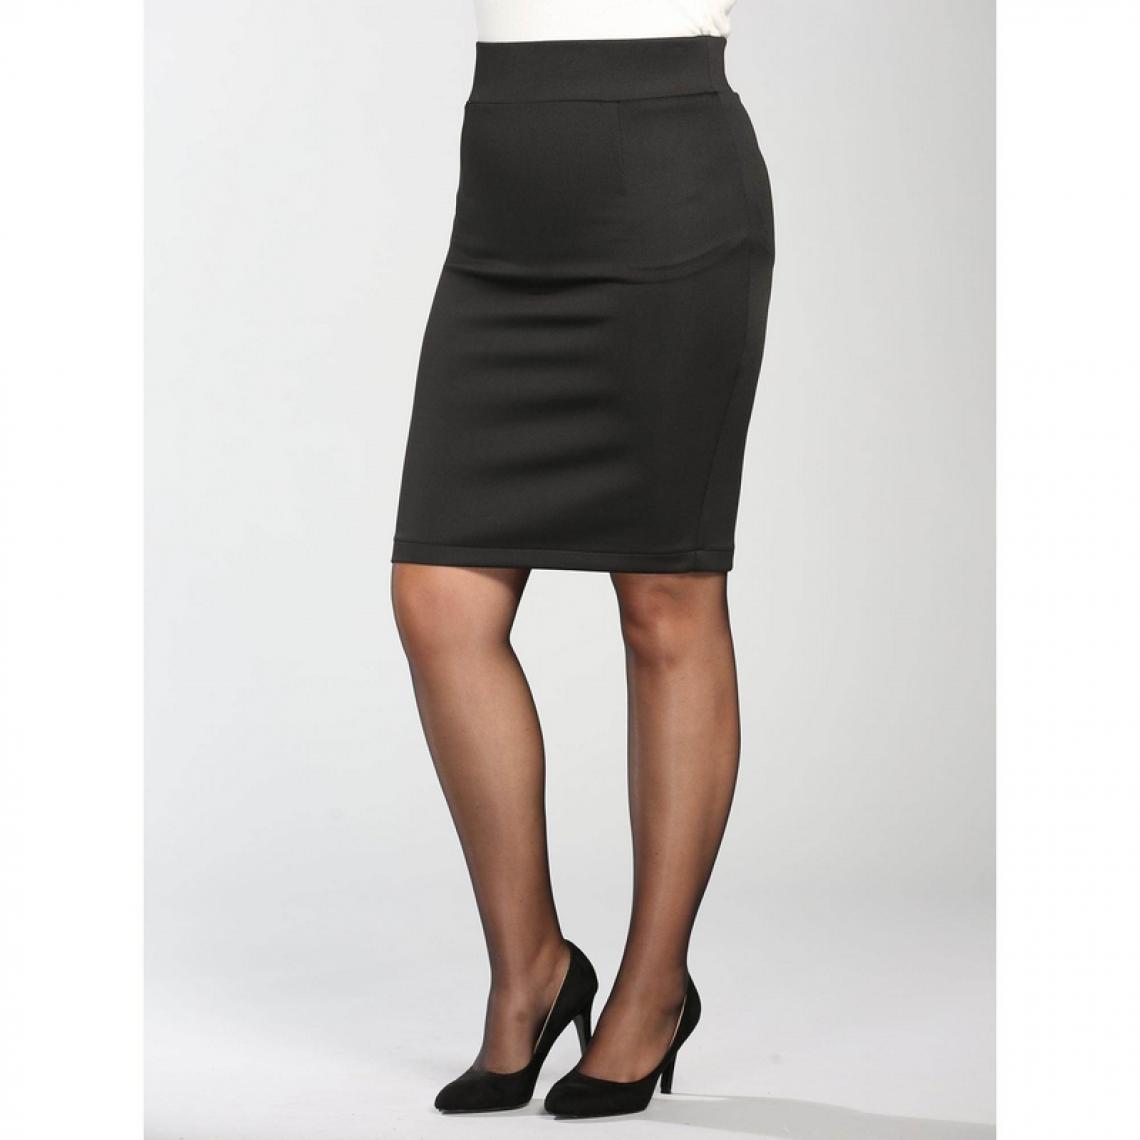 6e629ba357ea7c Jupe droite courte taille élastique femme - Noir | 3 SUISSES